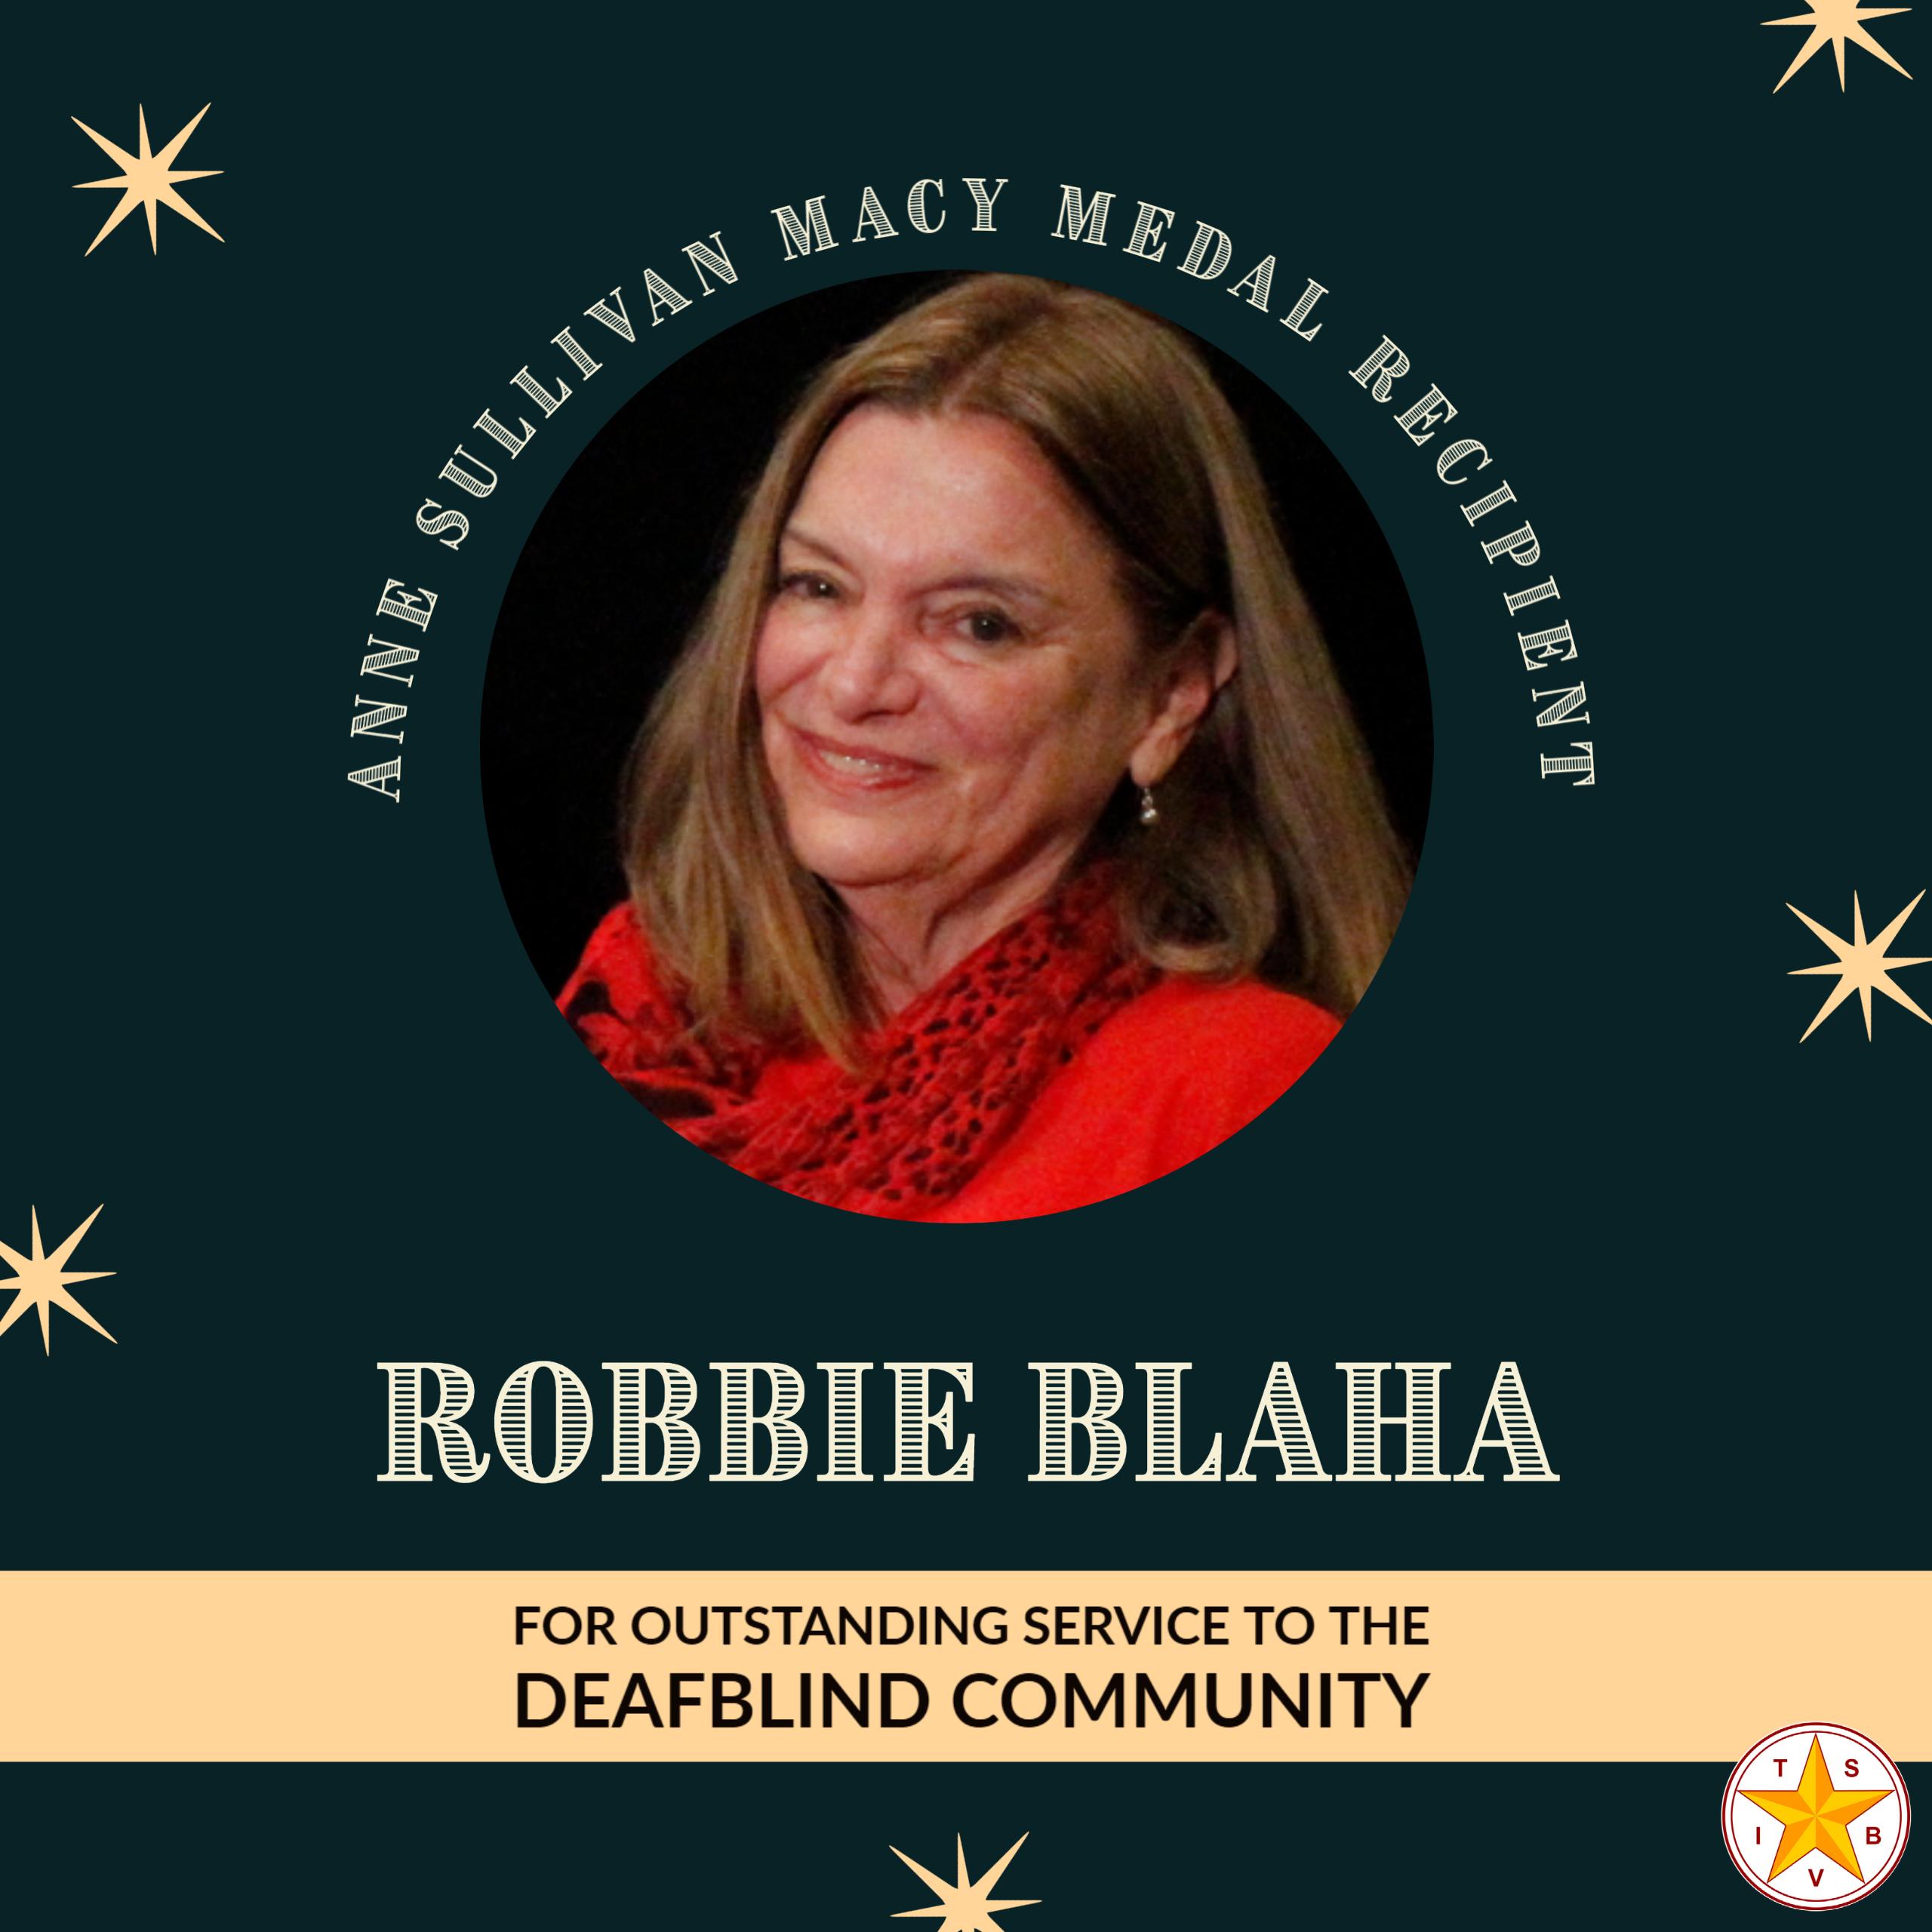 Robbie Blaha, 2021 Anne Sullivan Macy Medal Recipient